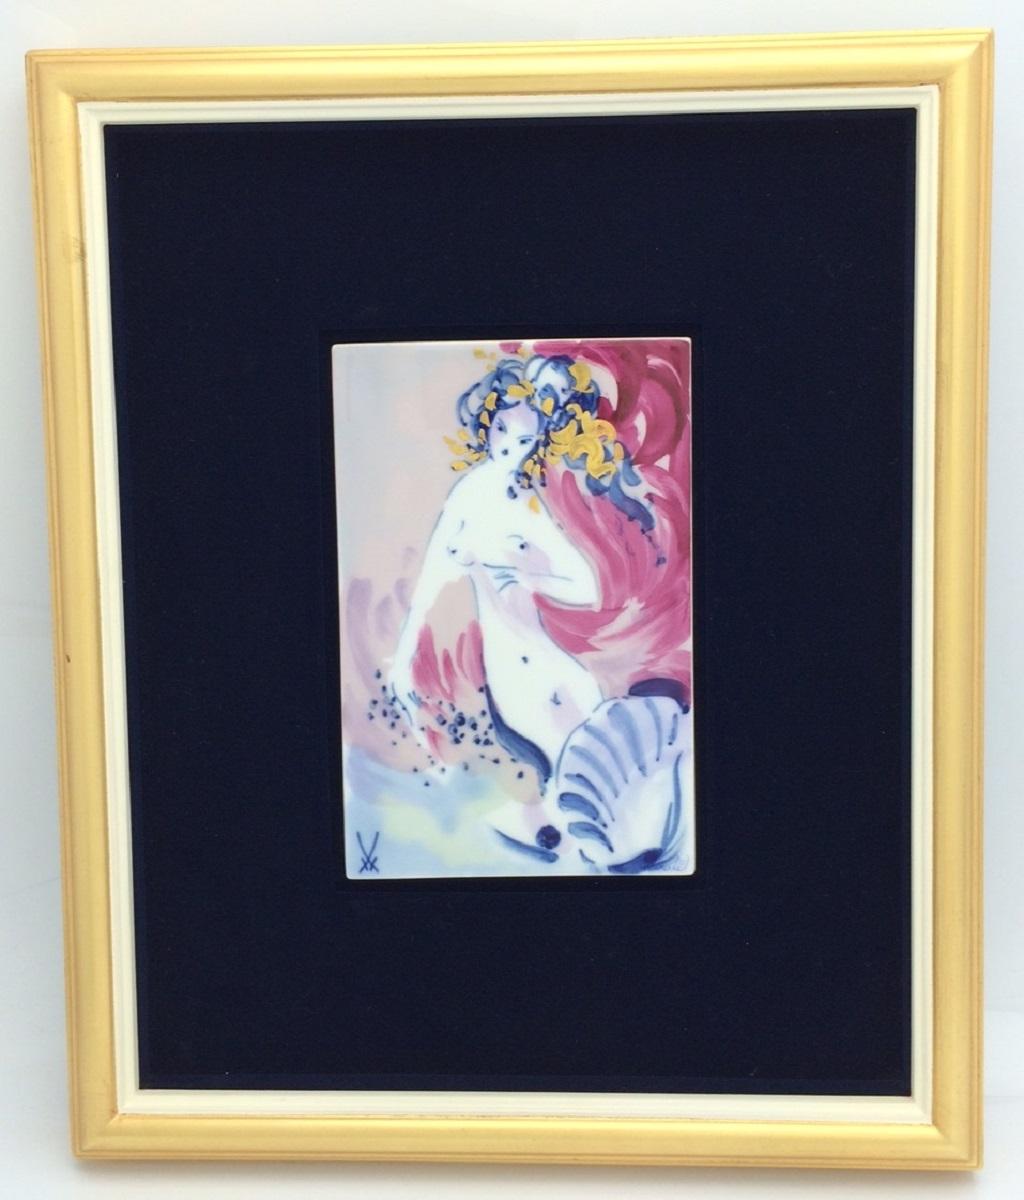 マイセン meissen ヴィーナス 陶板画  約10×15.5cm 額縁付き 送料無料【トレジャースポット】【中古】